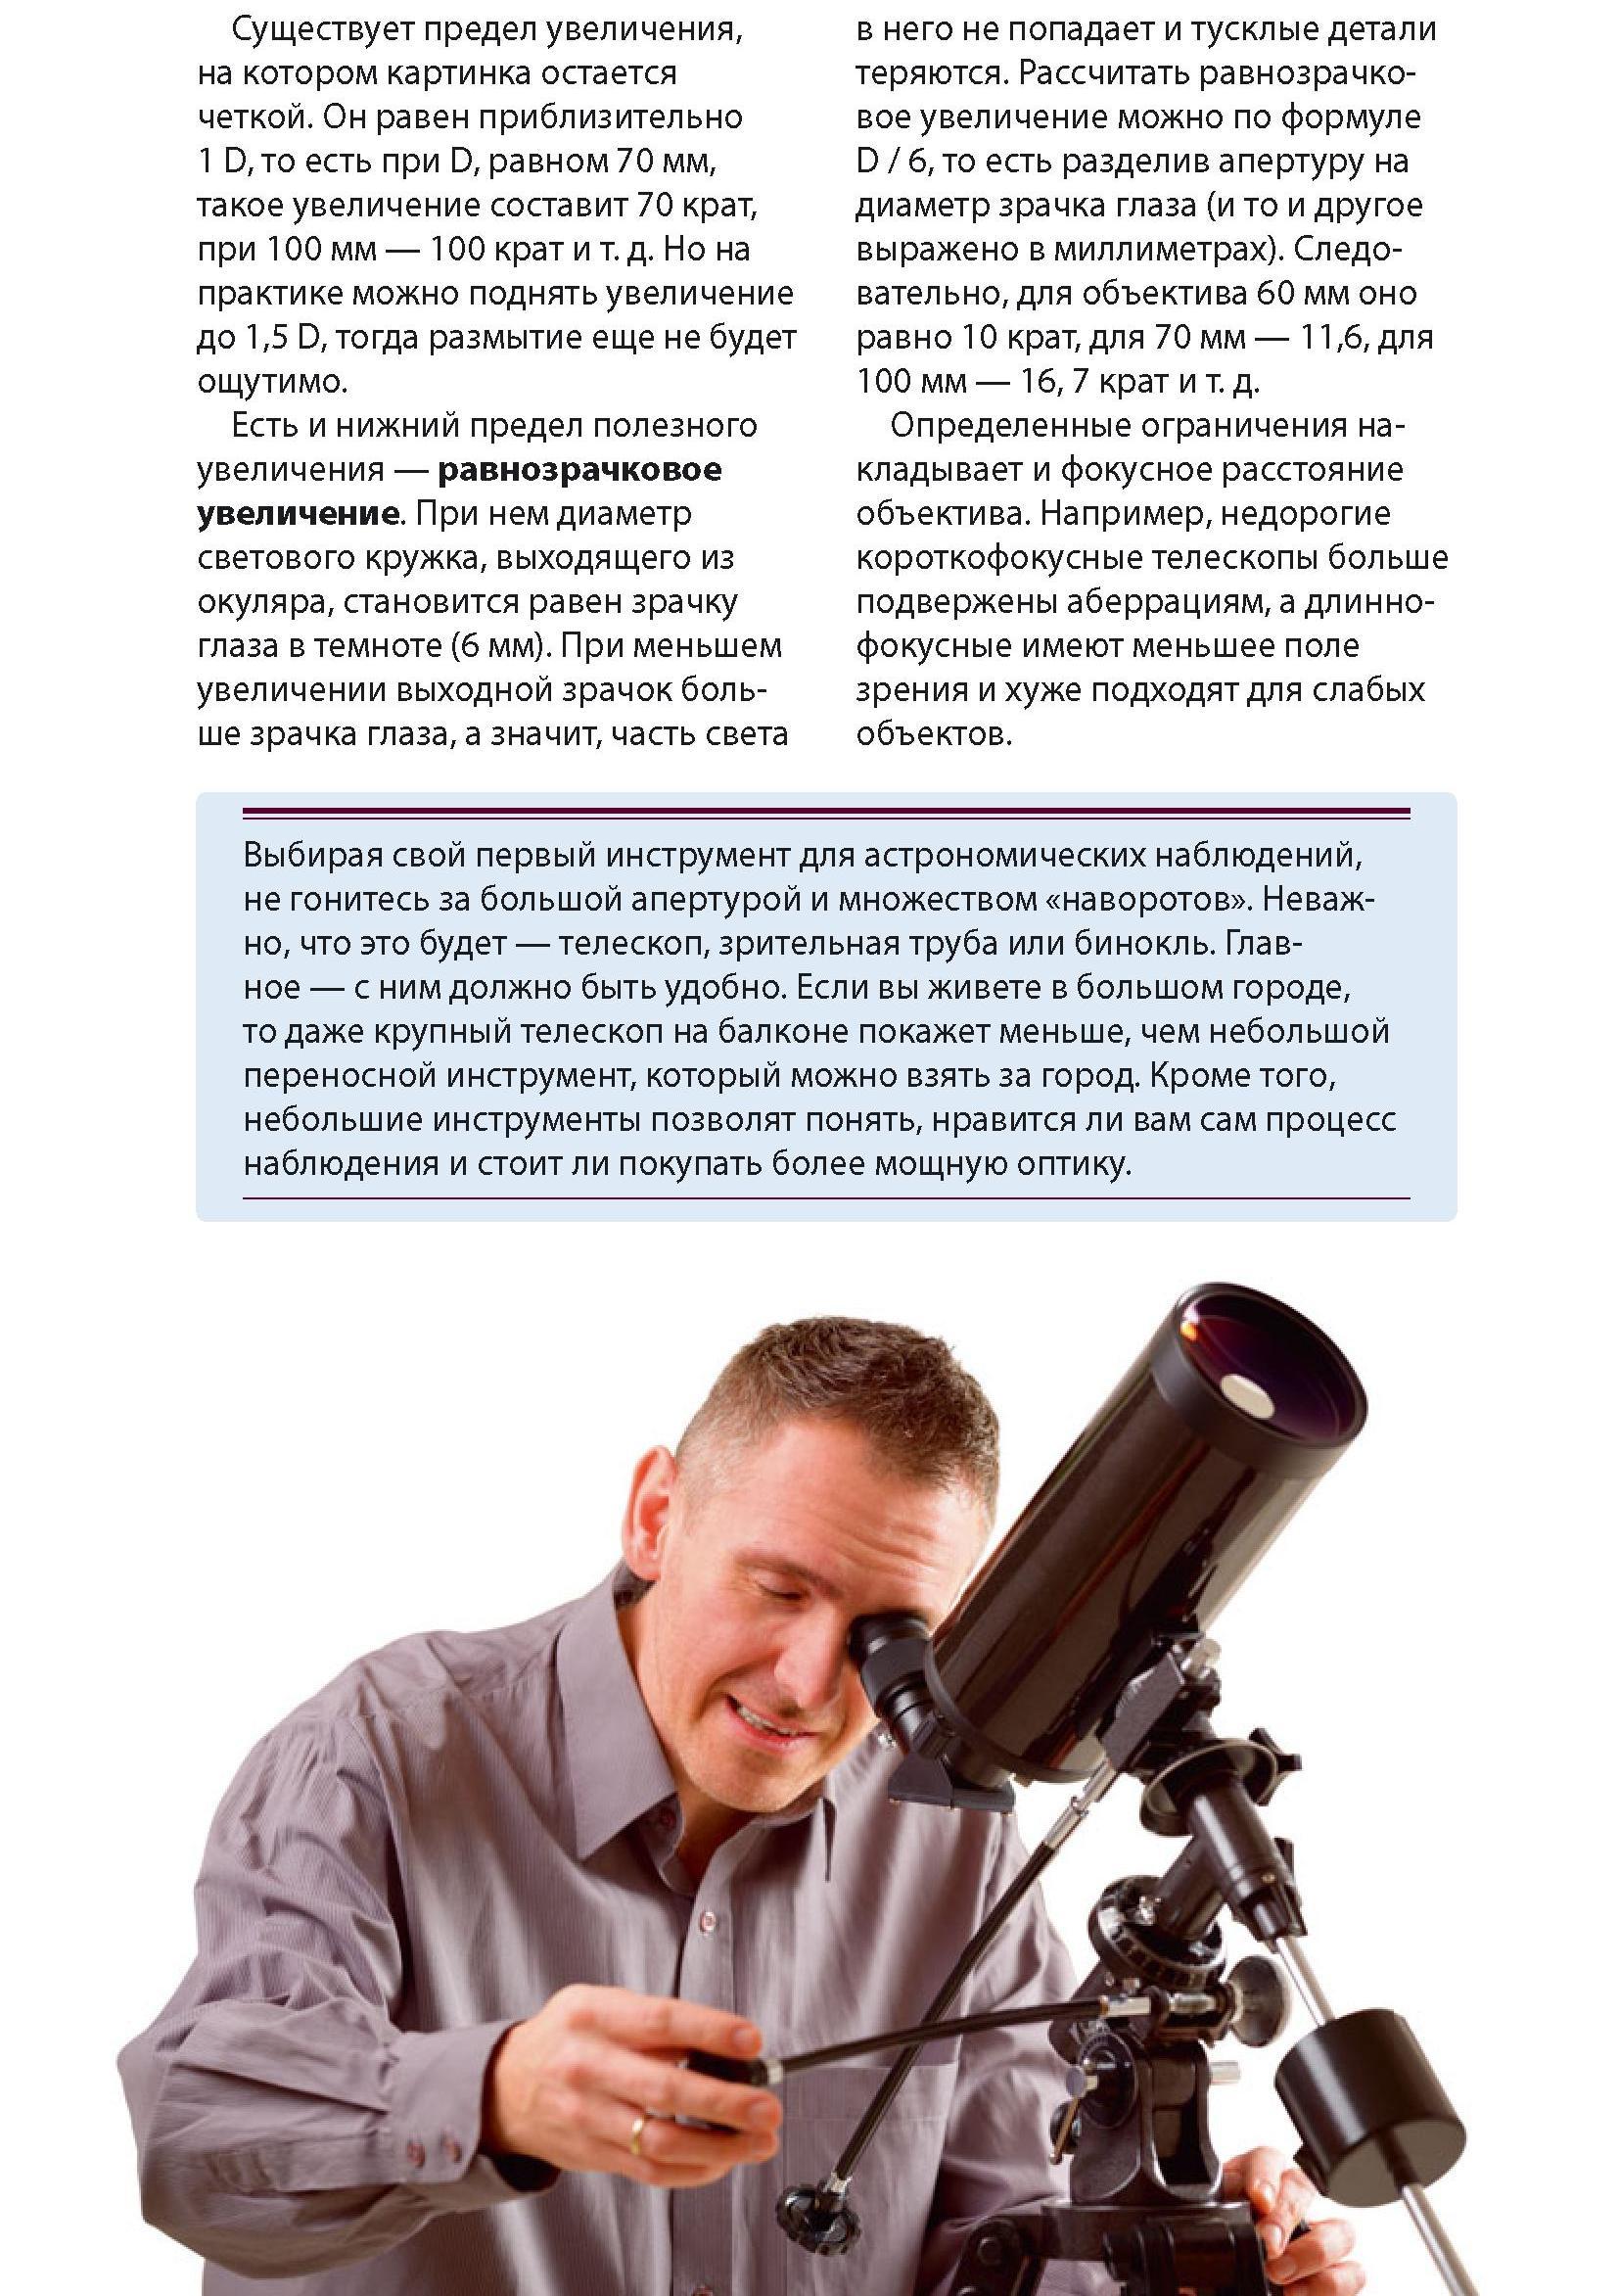 Как сделать простейший телескоп своими руками all-he 95